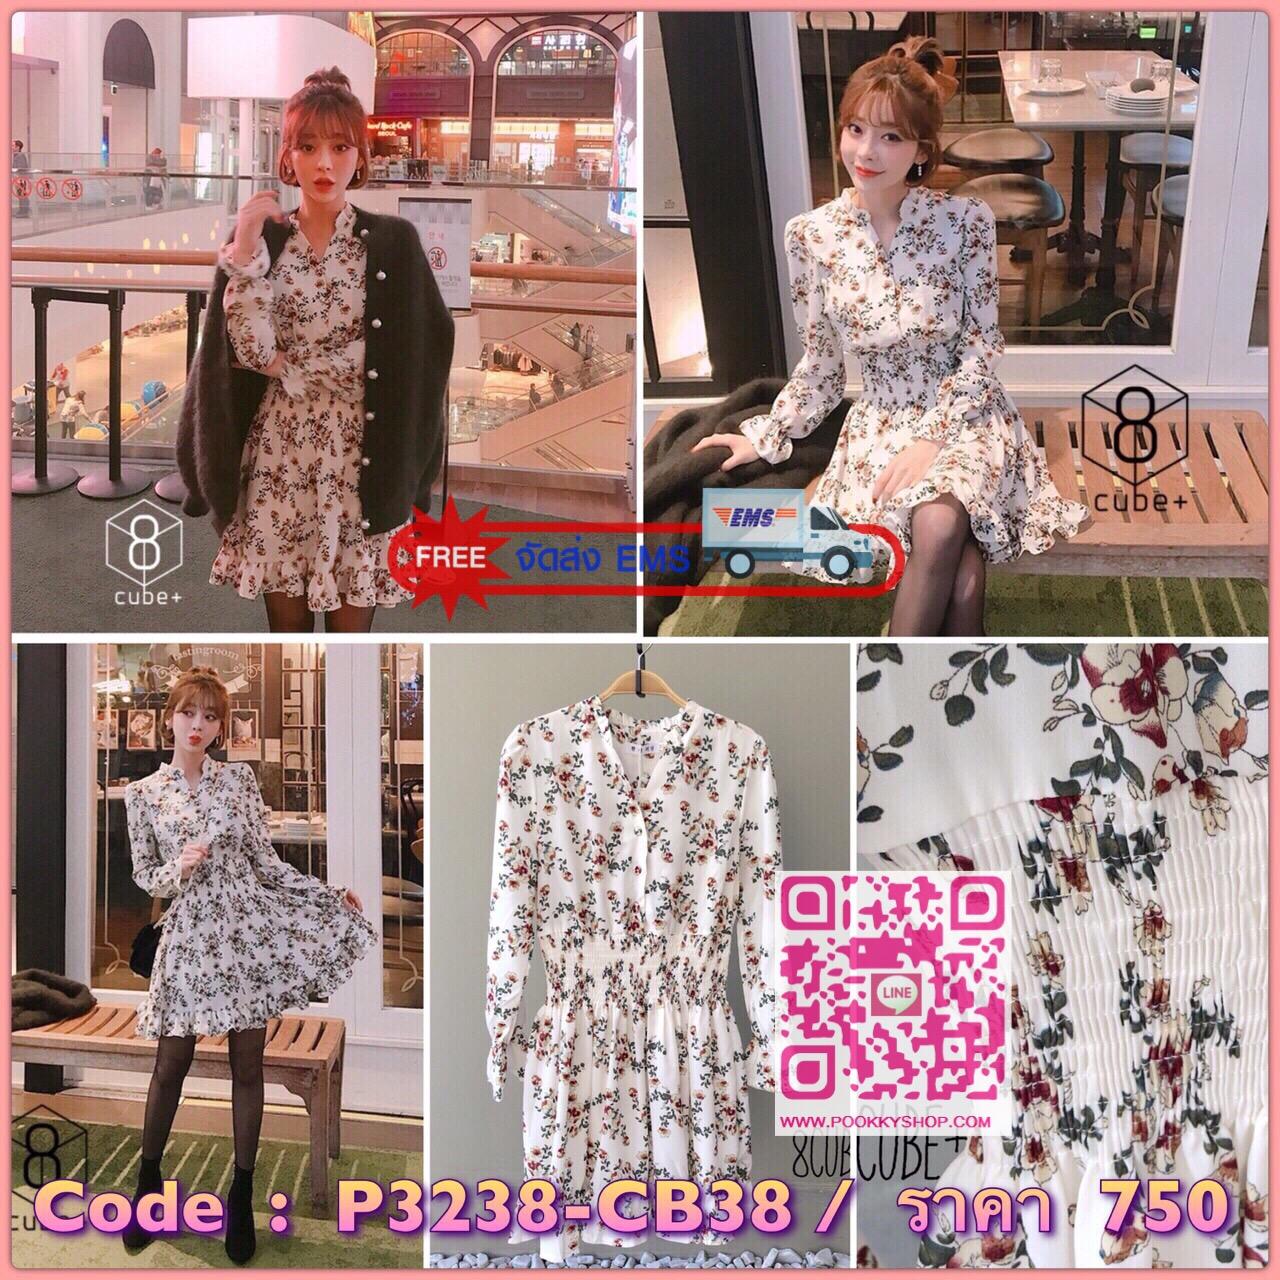 :::berry dress::: เดรสลายดอก สม๊อคเอว ลายสวยหวาน กระดุมปั๊มลายเดียวกับตัวผ้า งานเย็บคุณภาพ ความน่ารักเกินราคา เนื้อผ้า (fabric) cotton polyester